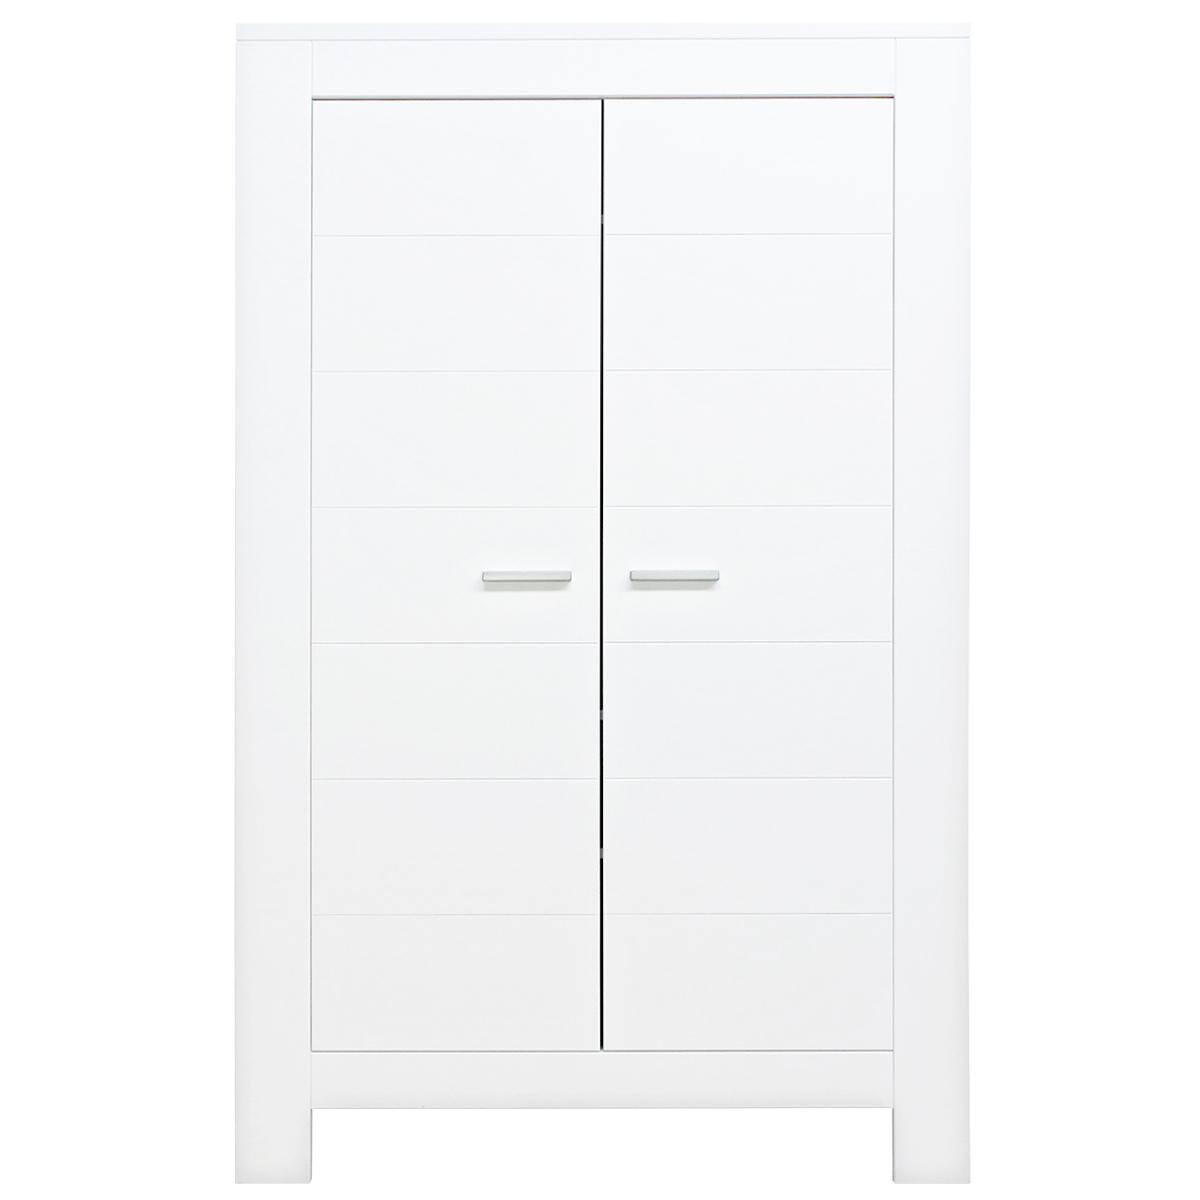 Armario 2 puertas MEREL Bopita blanco